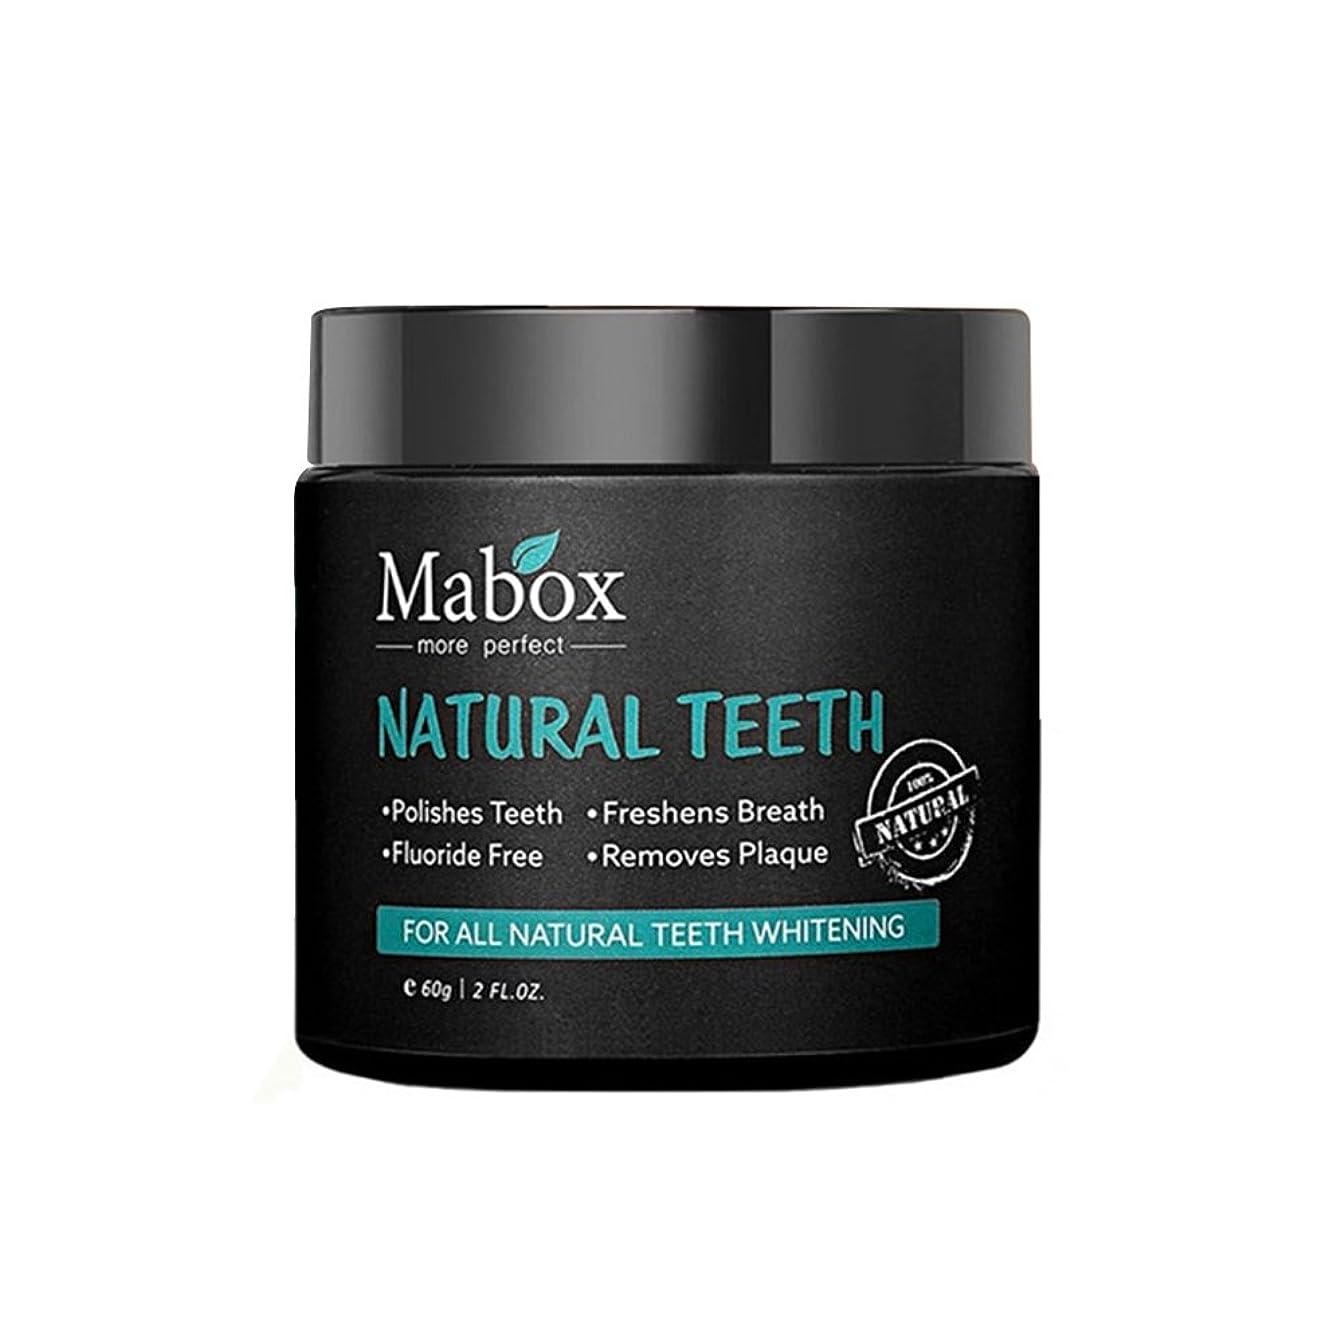 投資シュガータイプライターTerGOOSE 歯磨きパウダー 歯磨き粉 ホワイトニング 歯周病 活性炭 竹炭 美白 黄ばみ 口臭 虫歯予防 歯周病予防